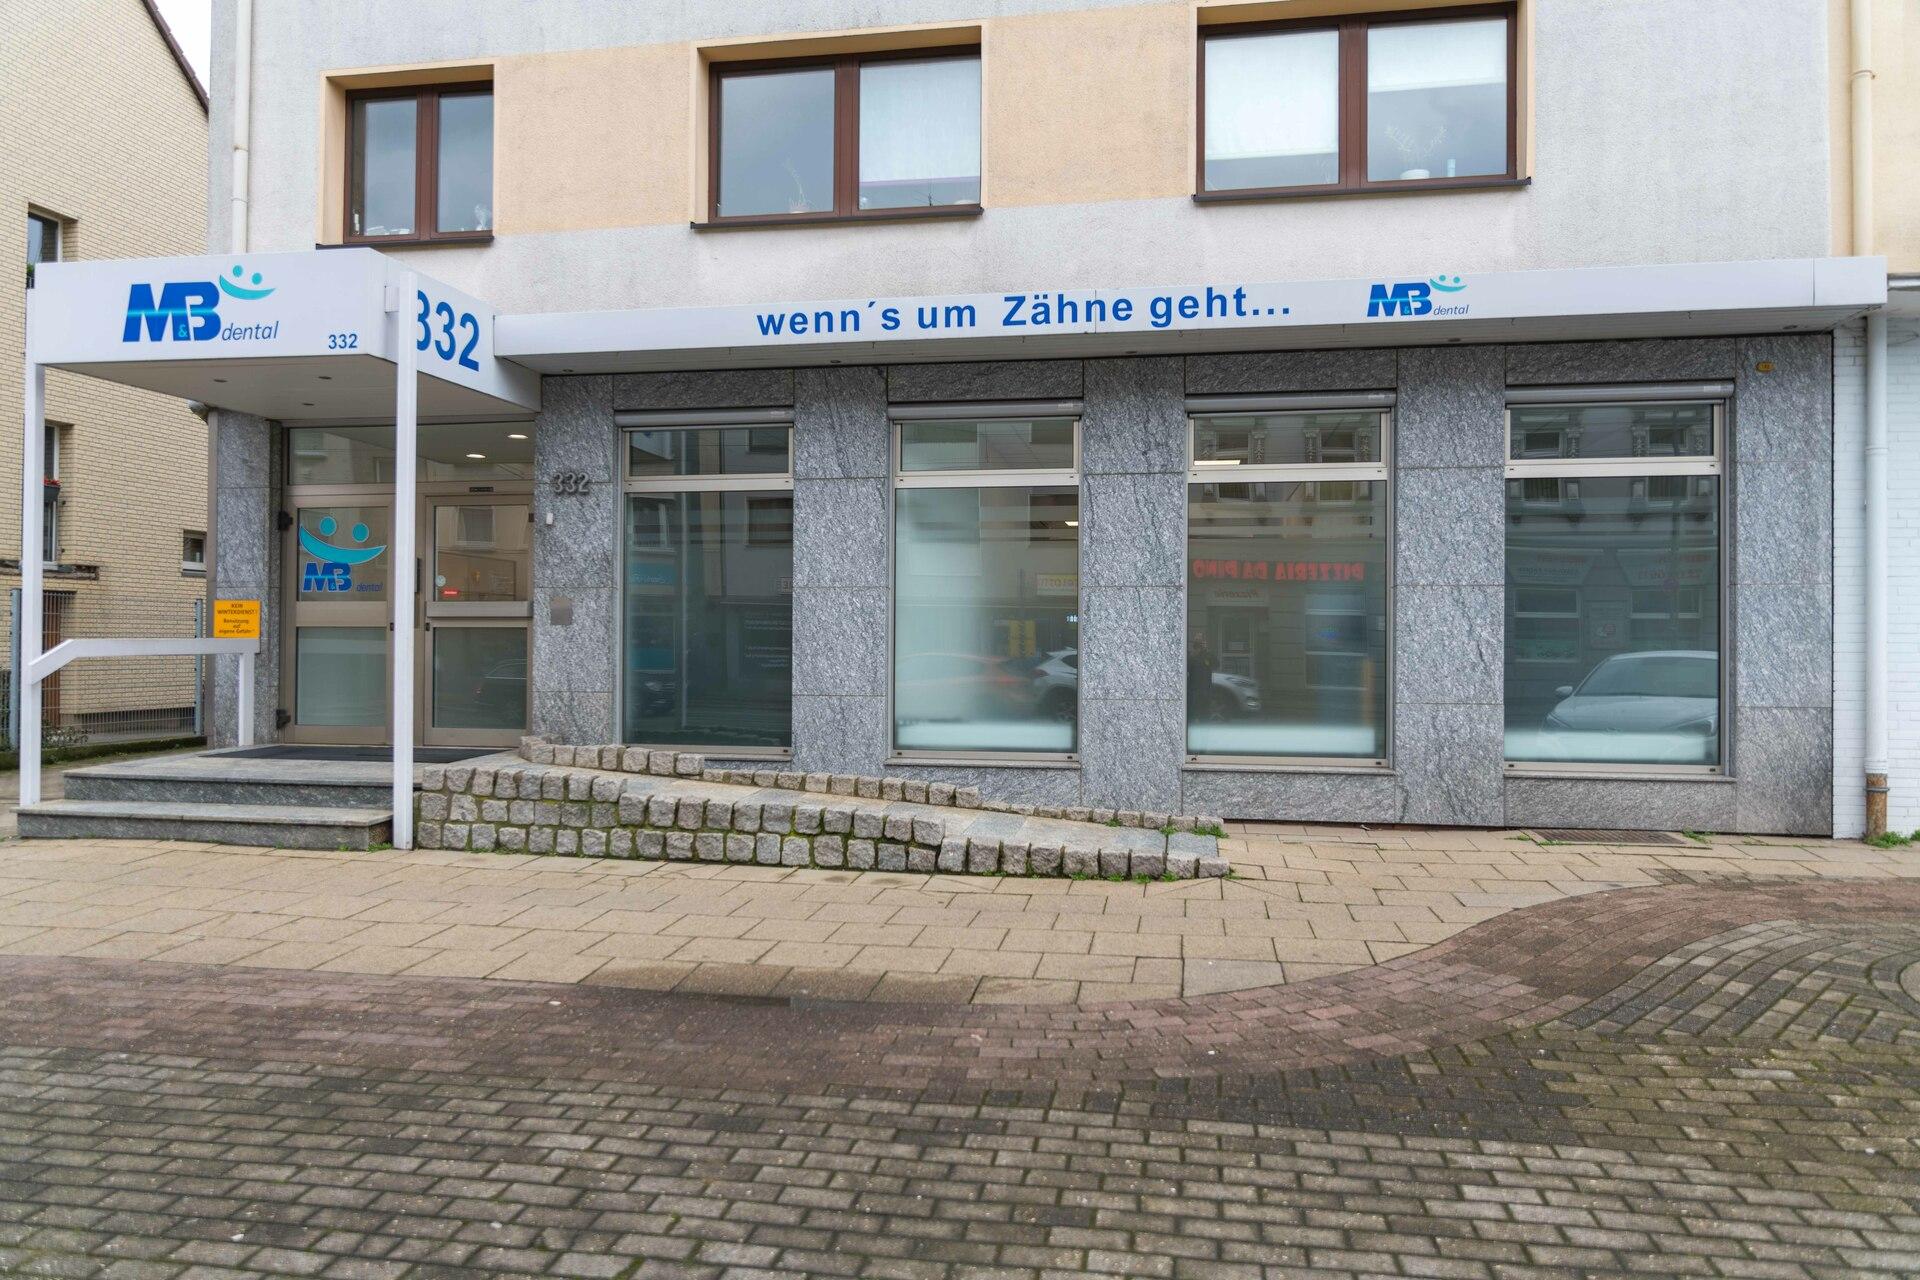 Zahnarztpraxis M&B Dental Essen